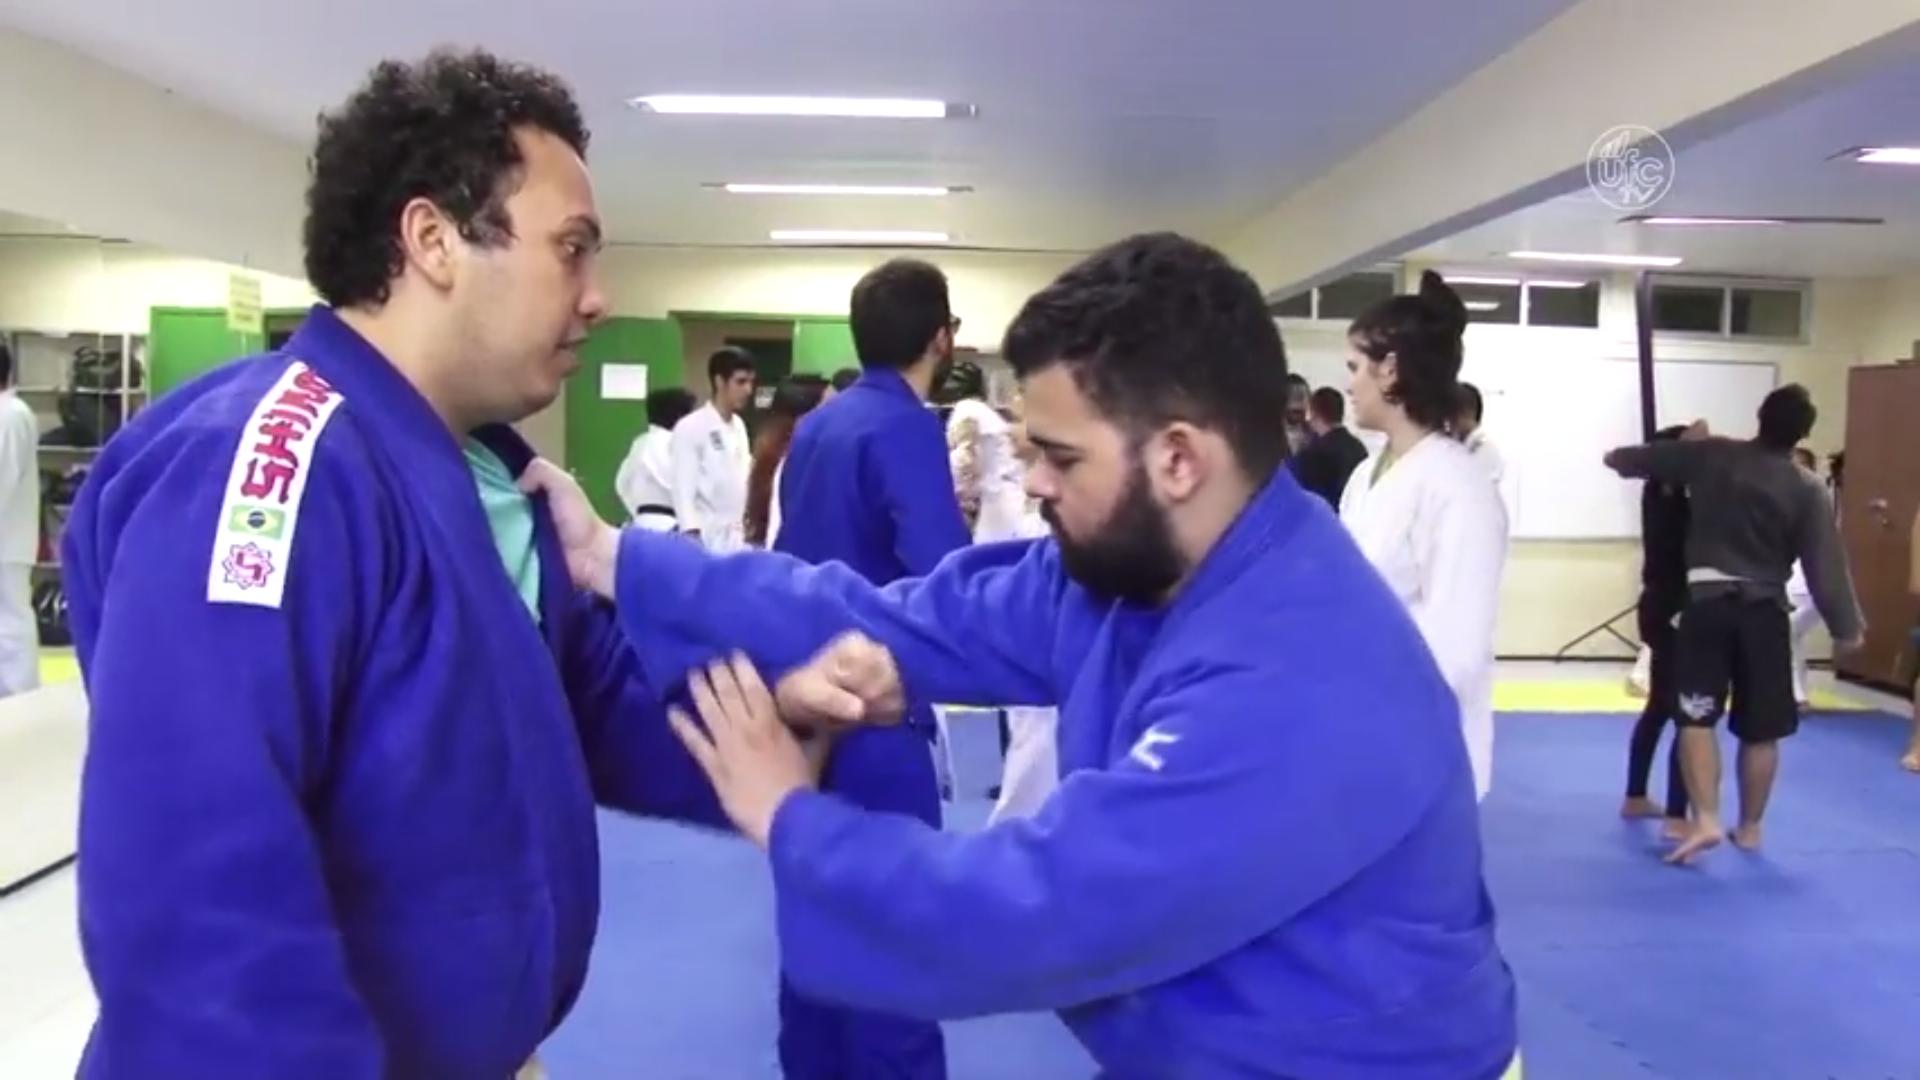 Dois judocas treinam no tatame (Imagem: Gutiérrez Réges/UFCTV)